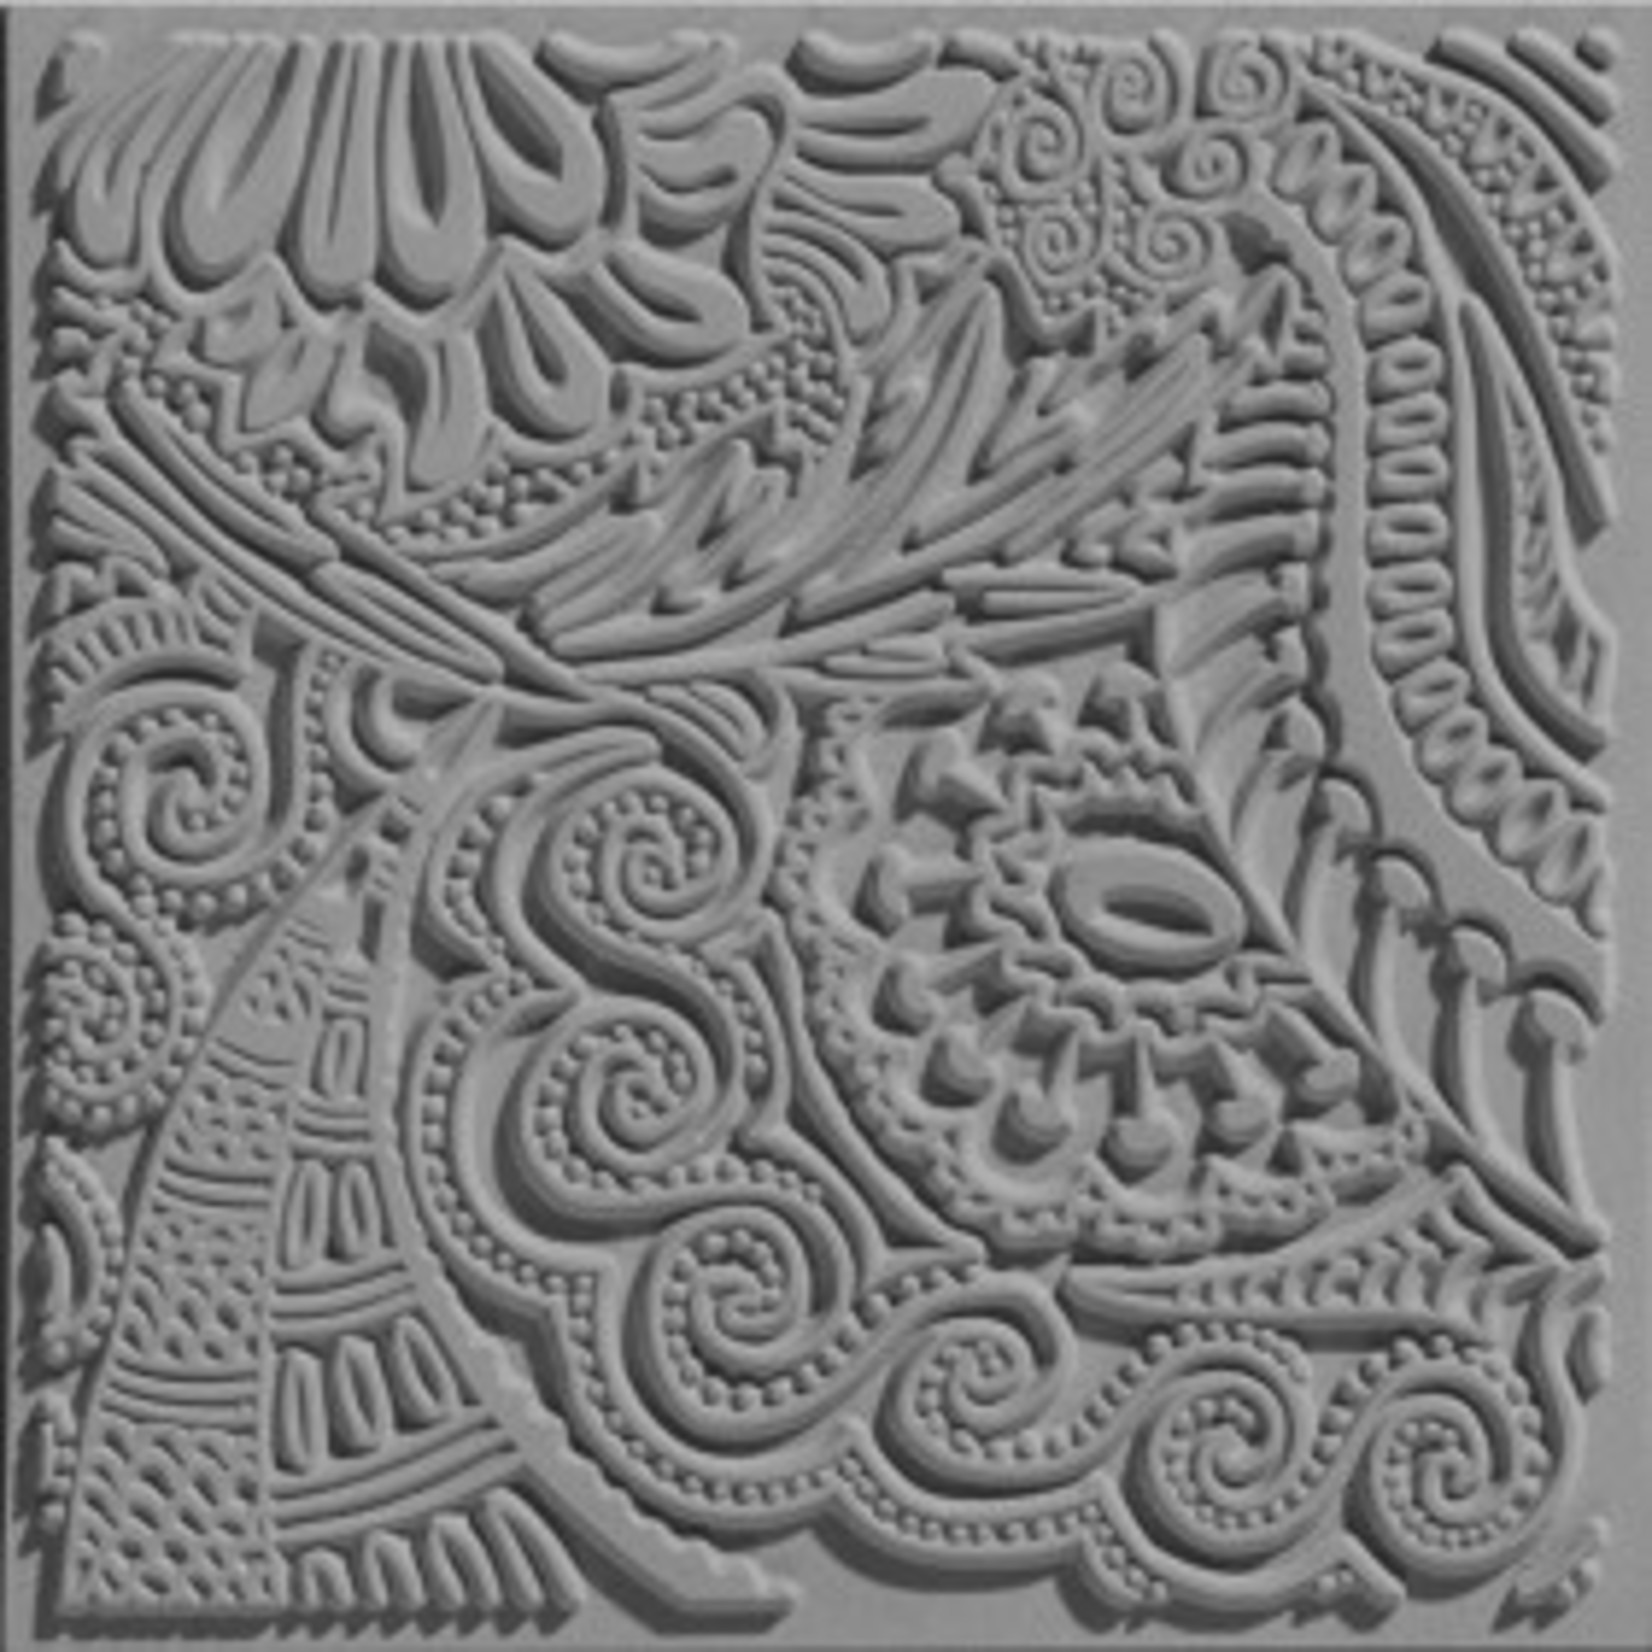 Cernit Cernit Texture Plate 9 X 9 cm - Moments